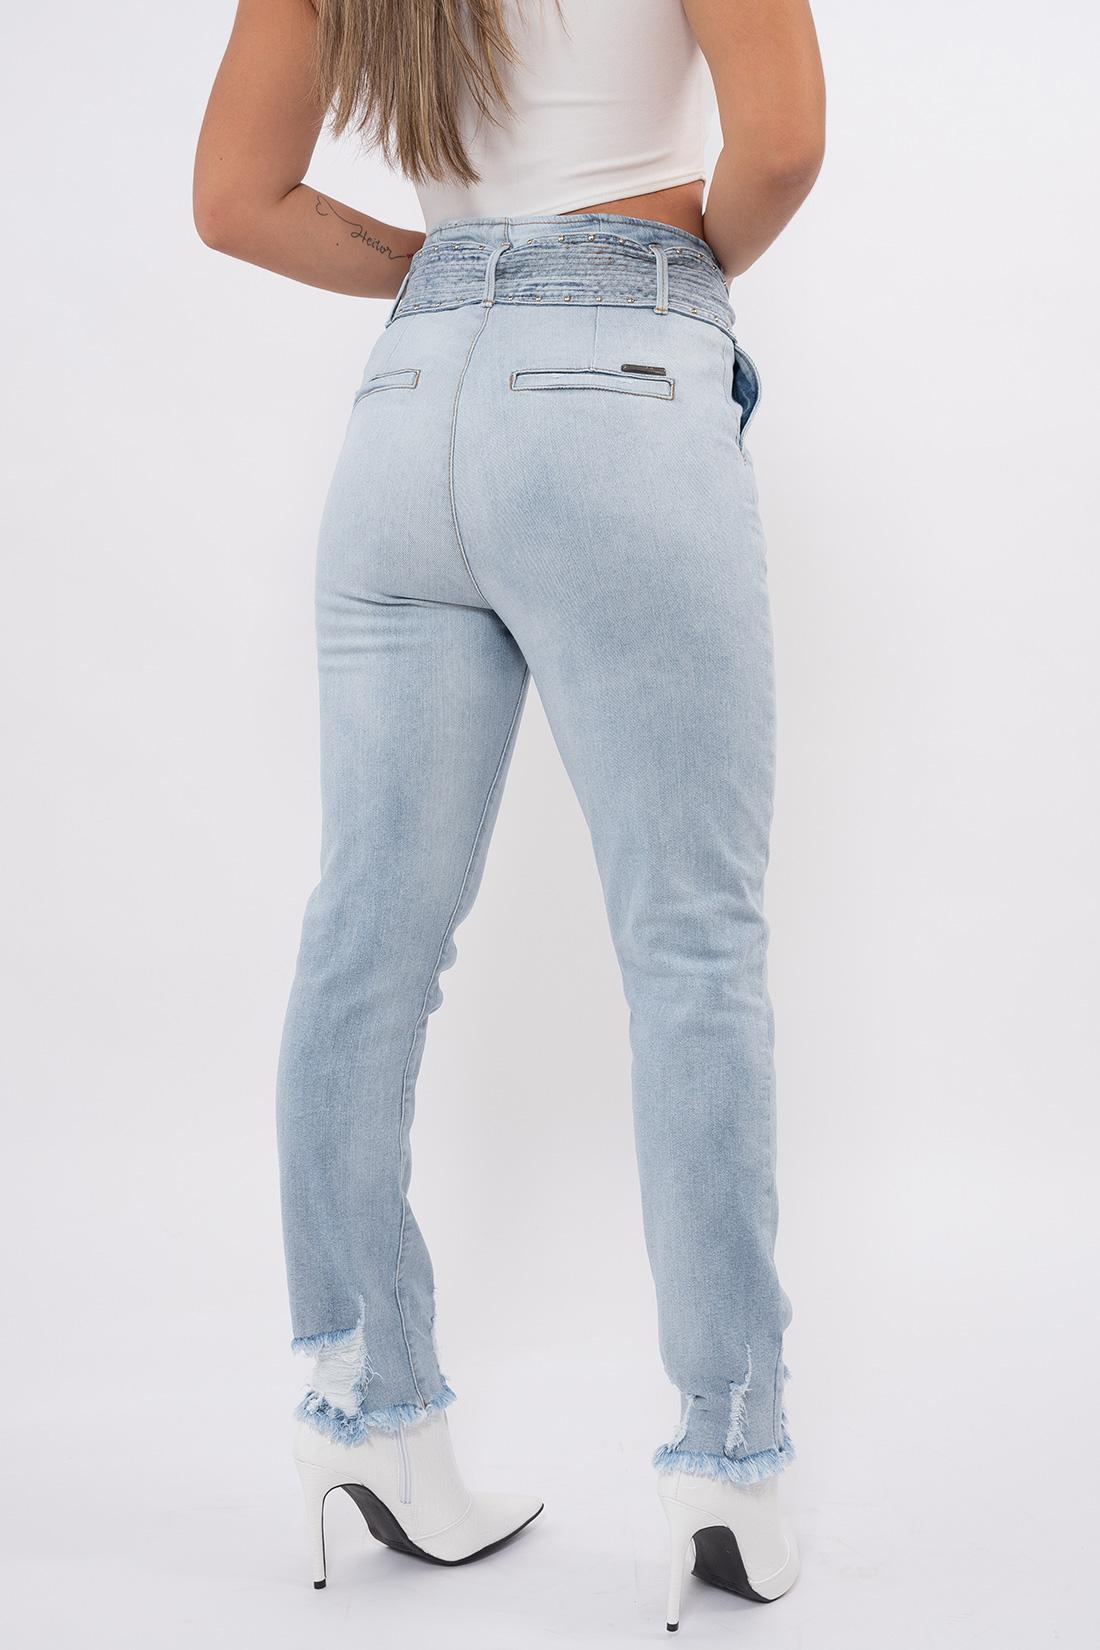 Calca Jeans Yexx Mom Cinto Apliques